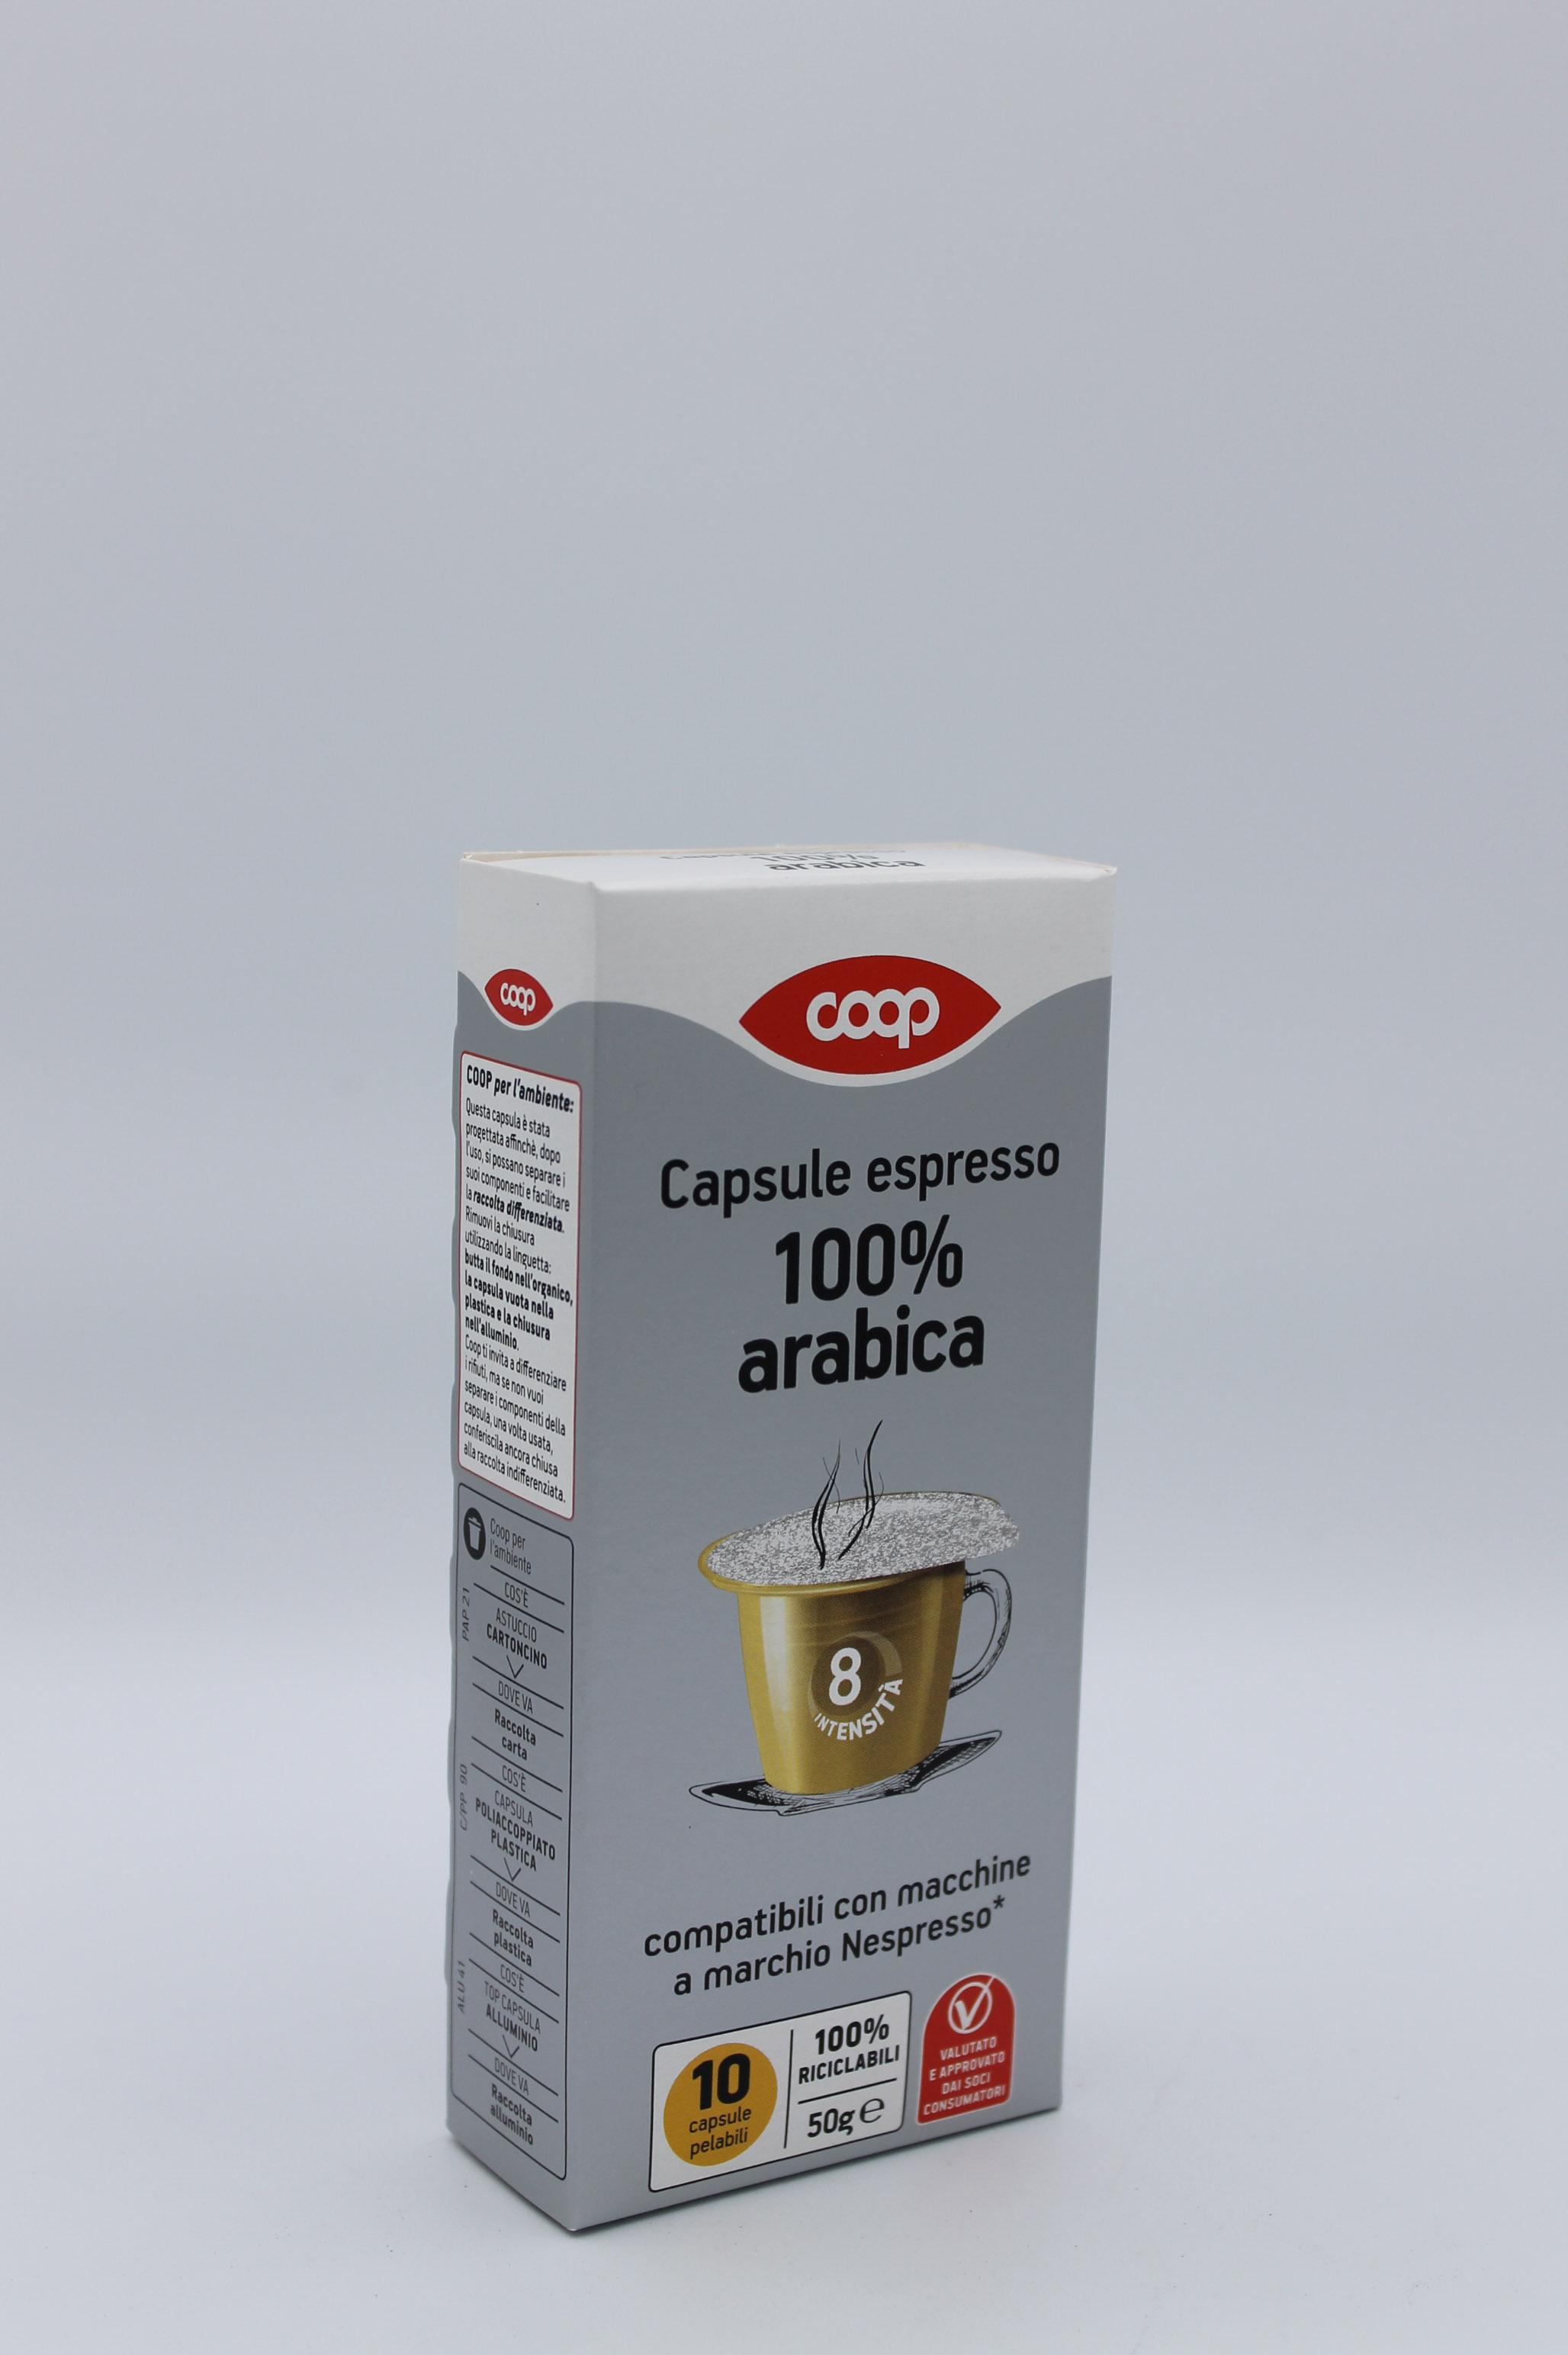 Capsule coop espresso 100% arabica 10x50 gr.